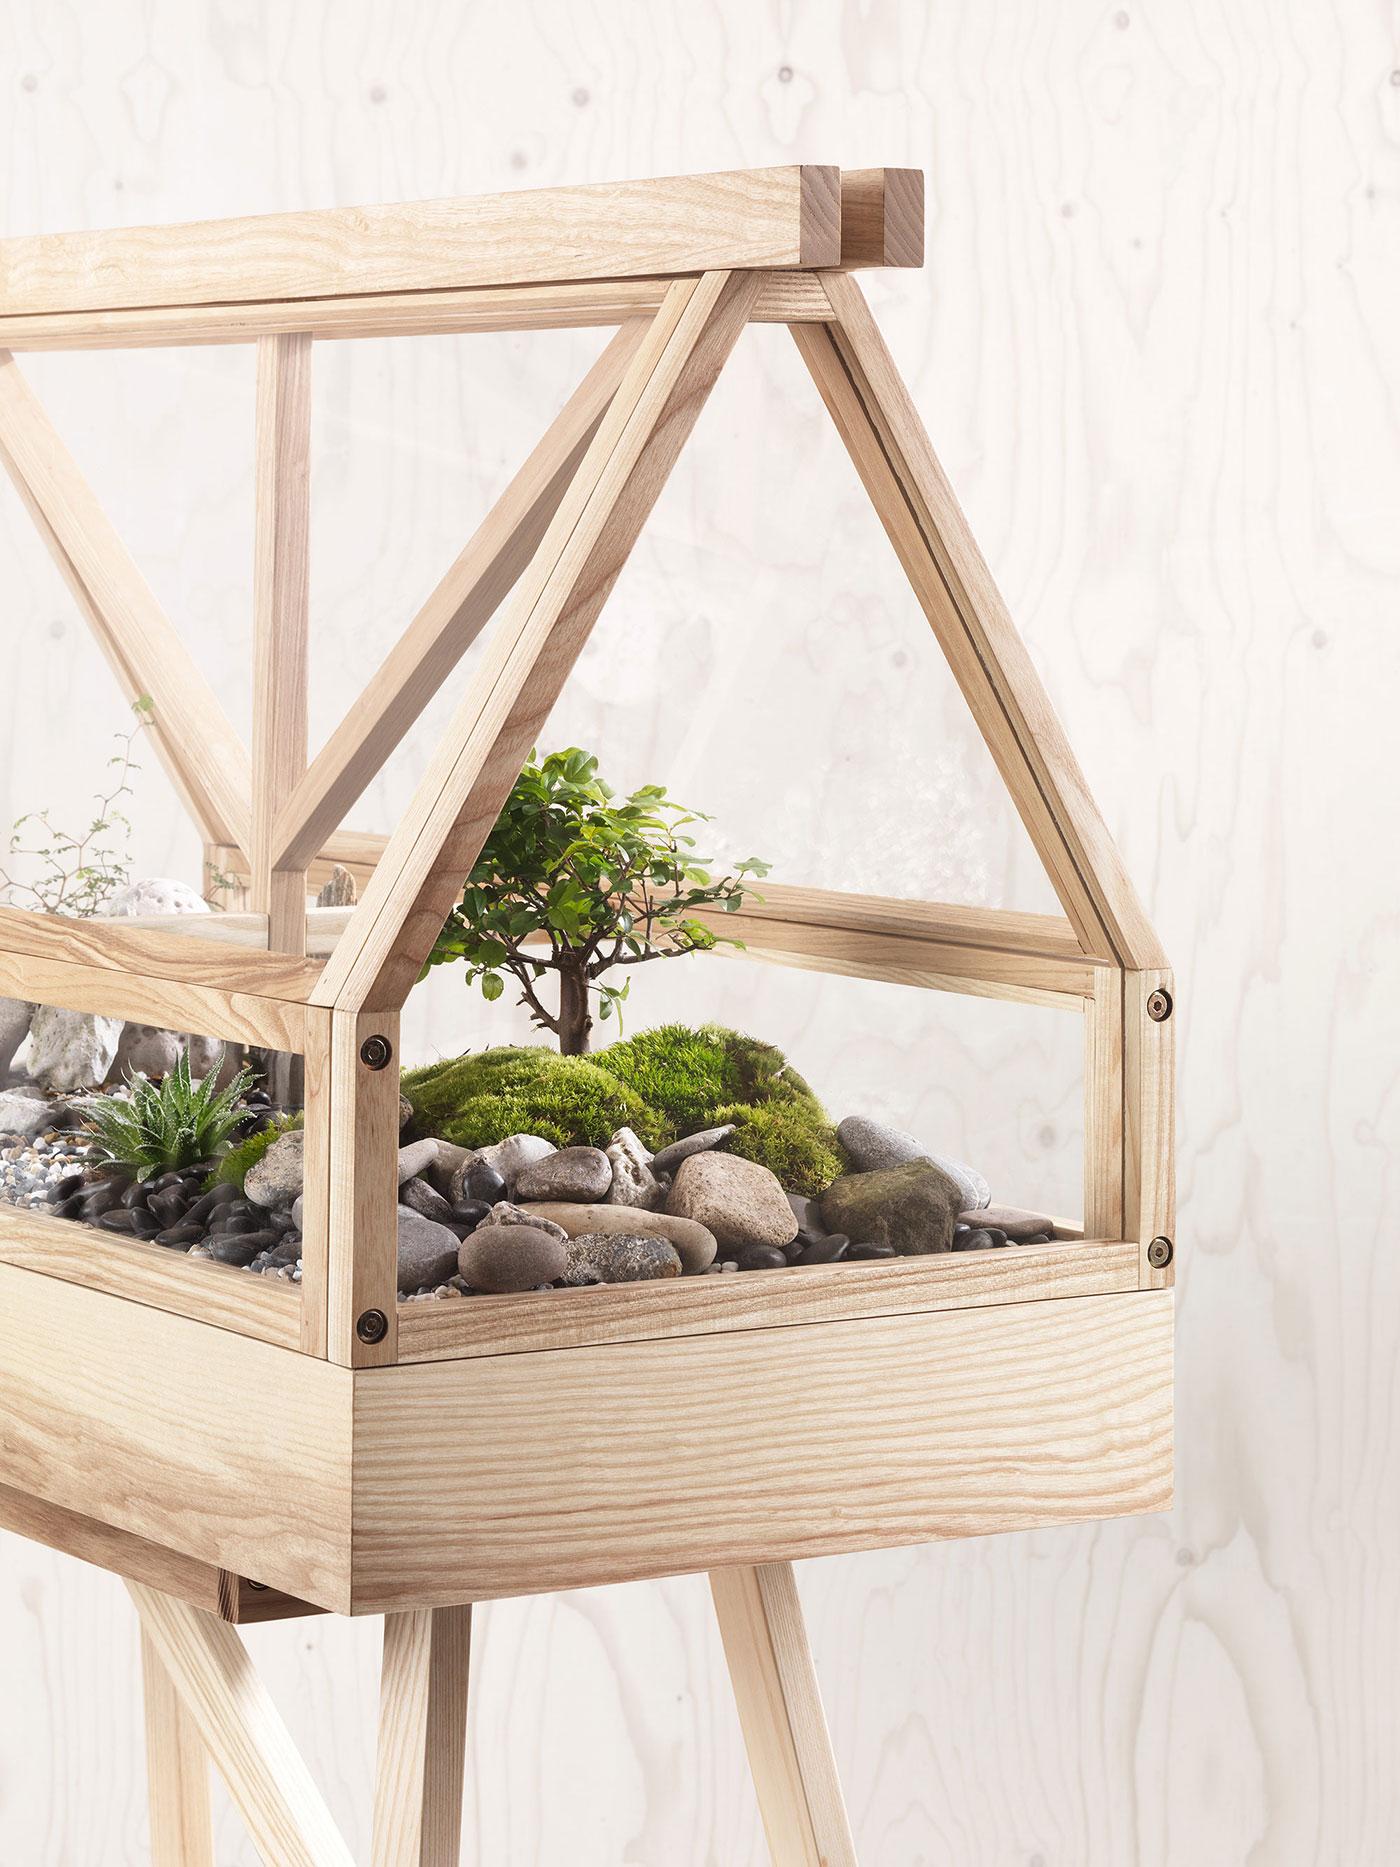 Indoor garden with bonsai tree